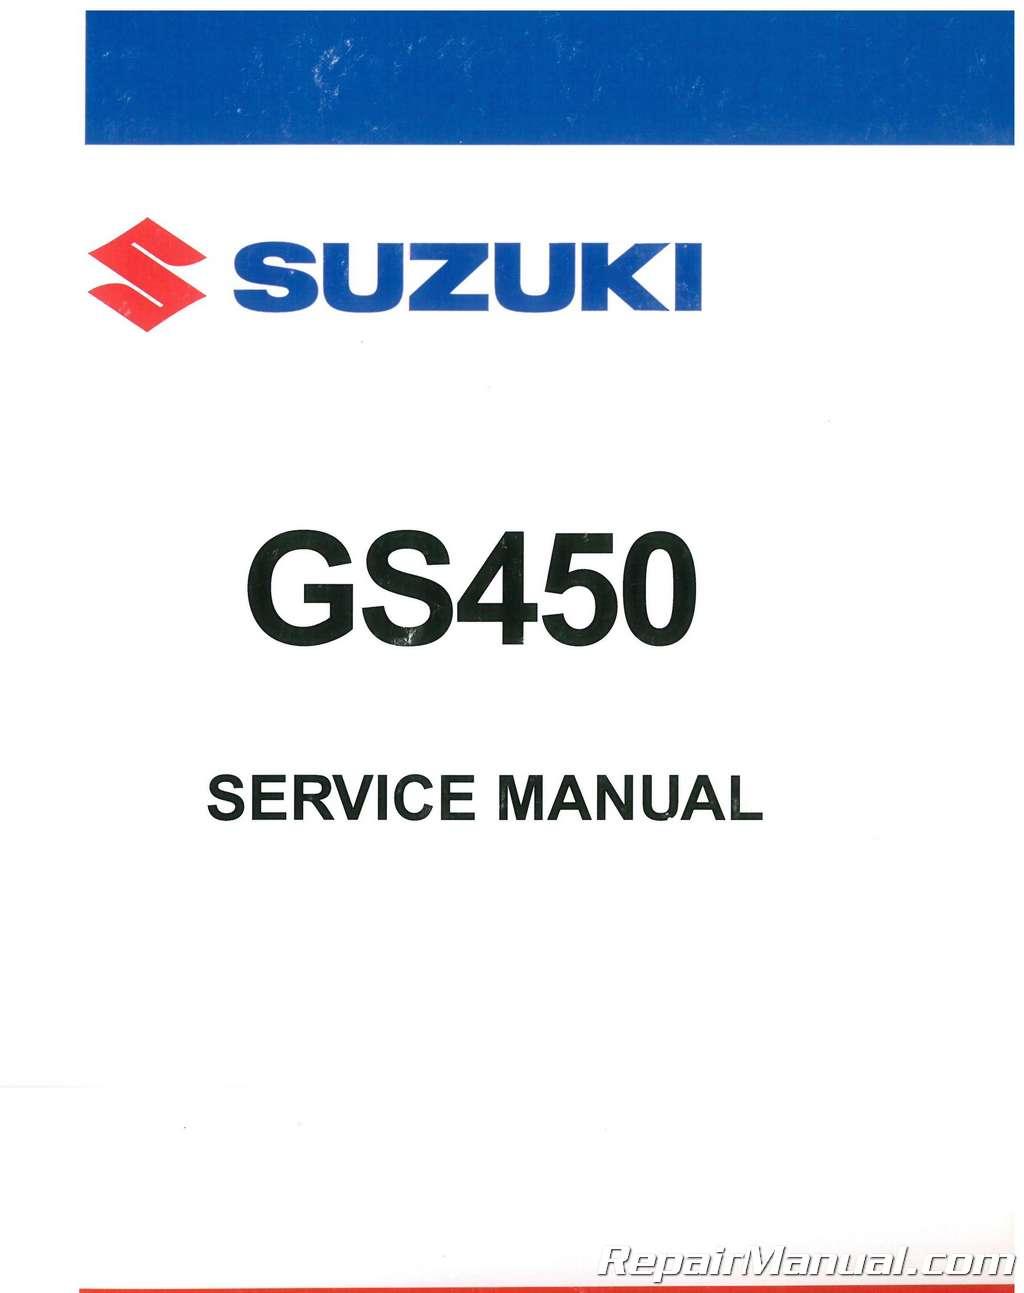 suzuki gs450 gs450tx 1981 1985 service repair factory manual